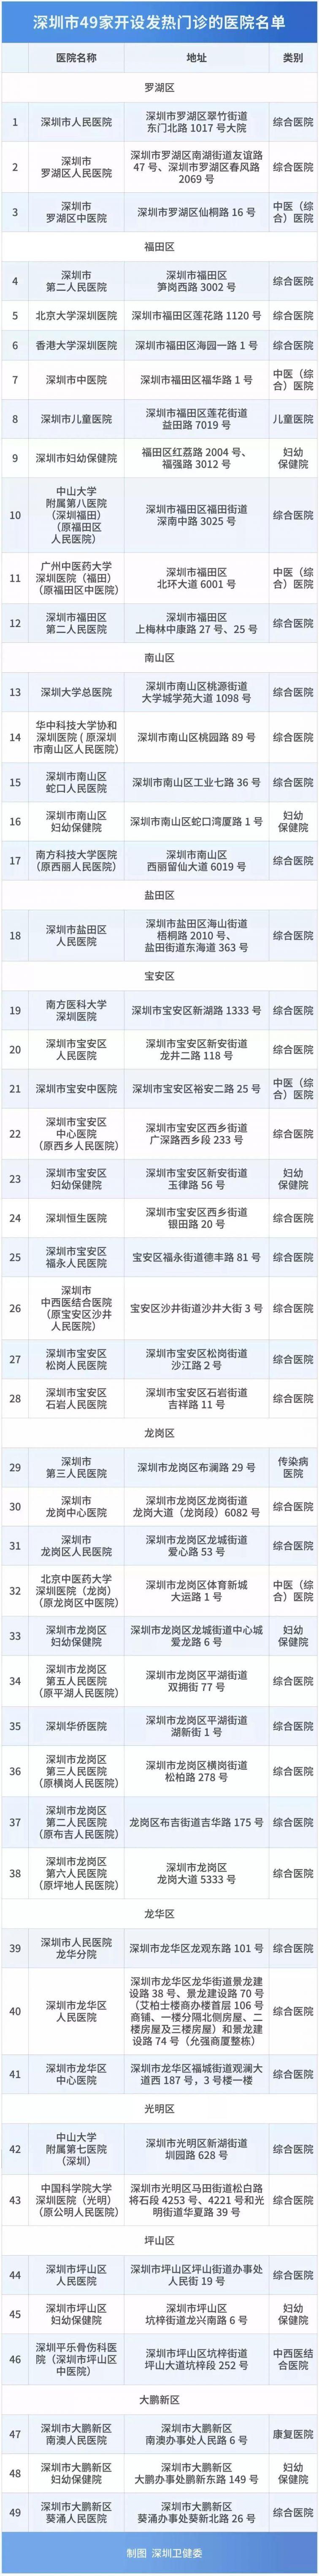 2020深圳新型肺炎疫情最新消息及各类民生信息汇总(更新中)